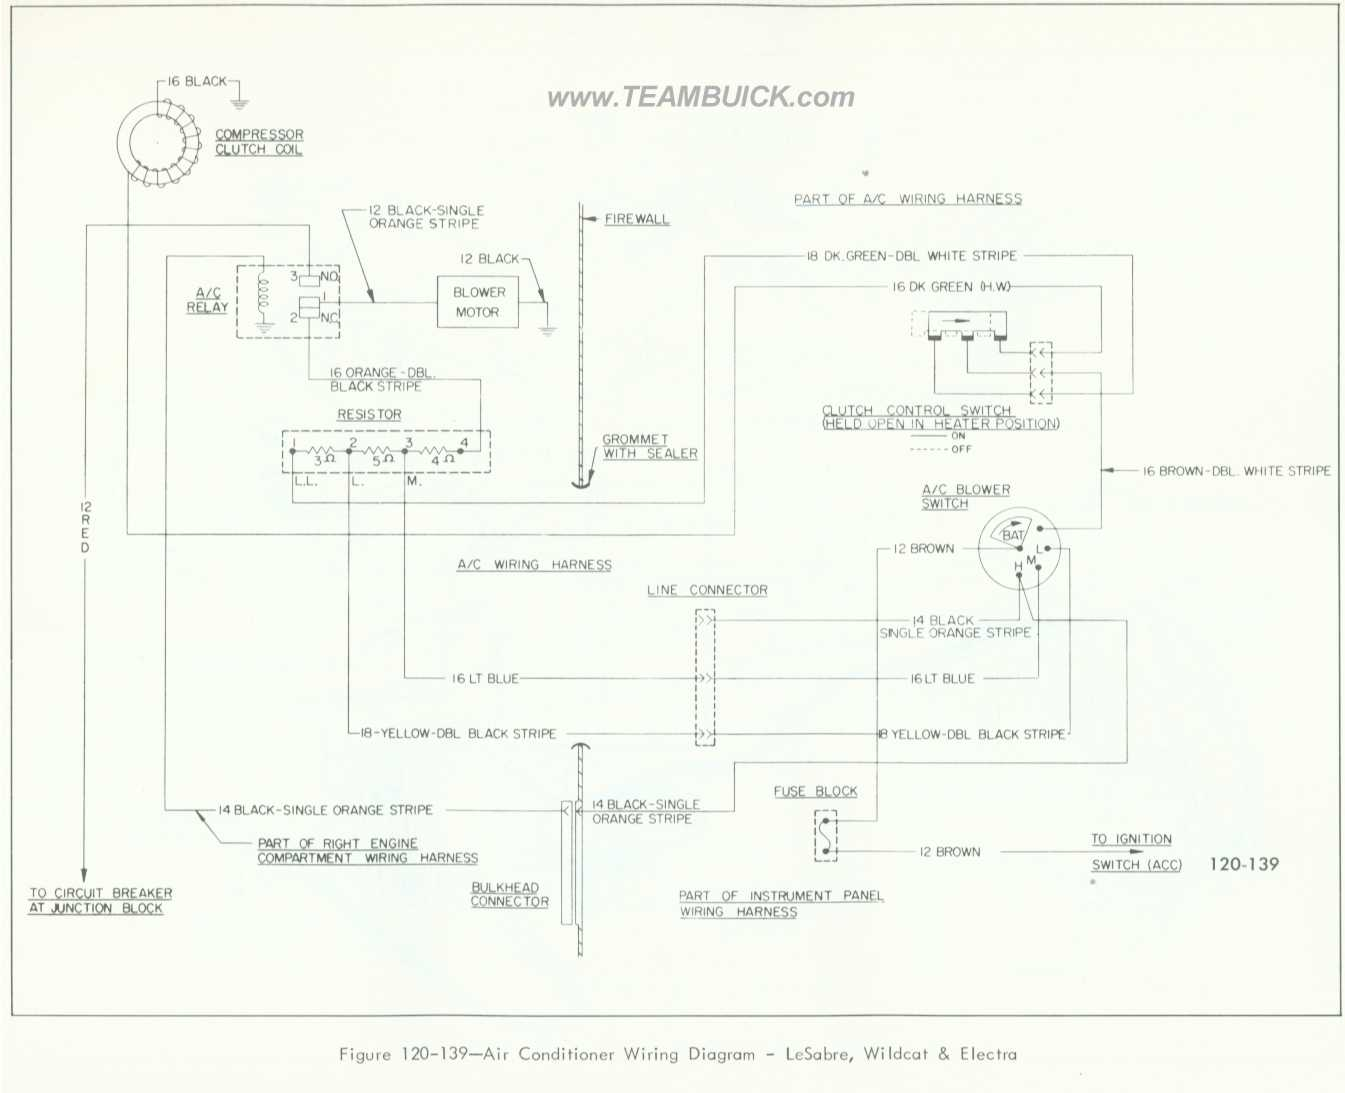 heil air handler wiring diagram 1999 lexus es300 engine arcoaire furnace parts hallmark